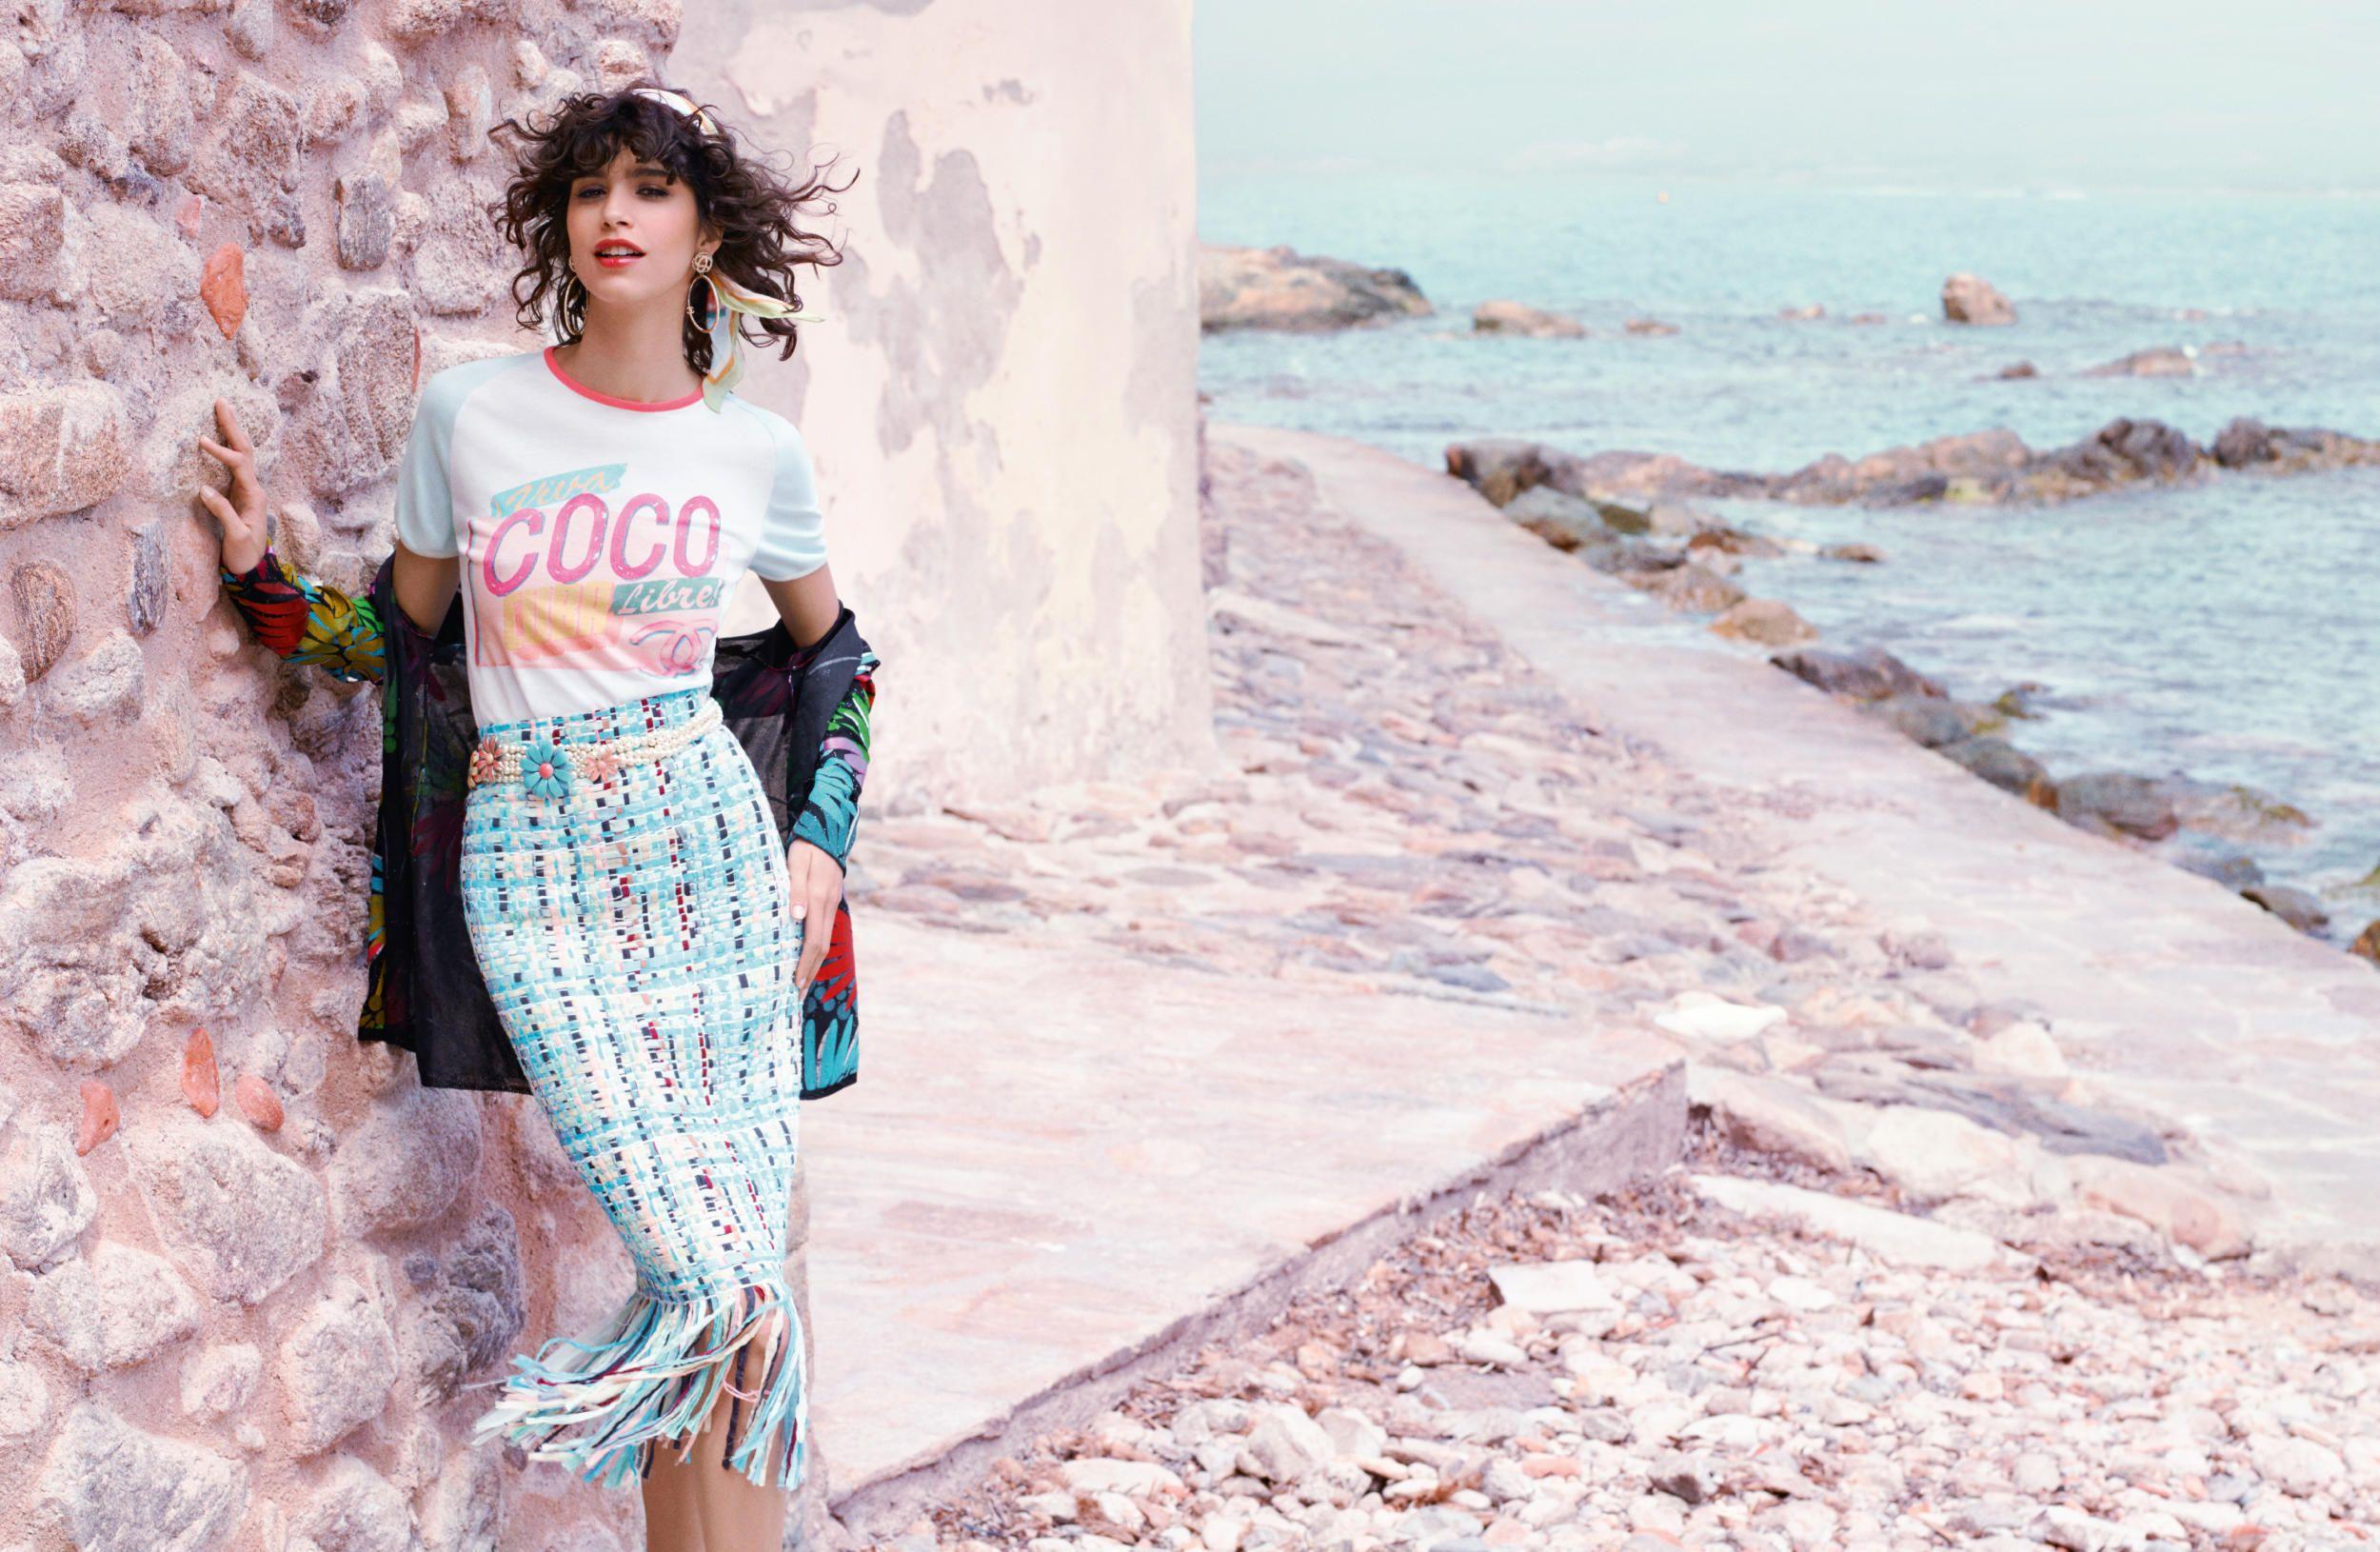 thời trang cung hoàng đạo: các thương hiệu đại diện cho phong cách của bạn 22